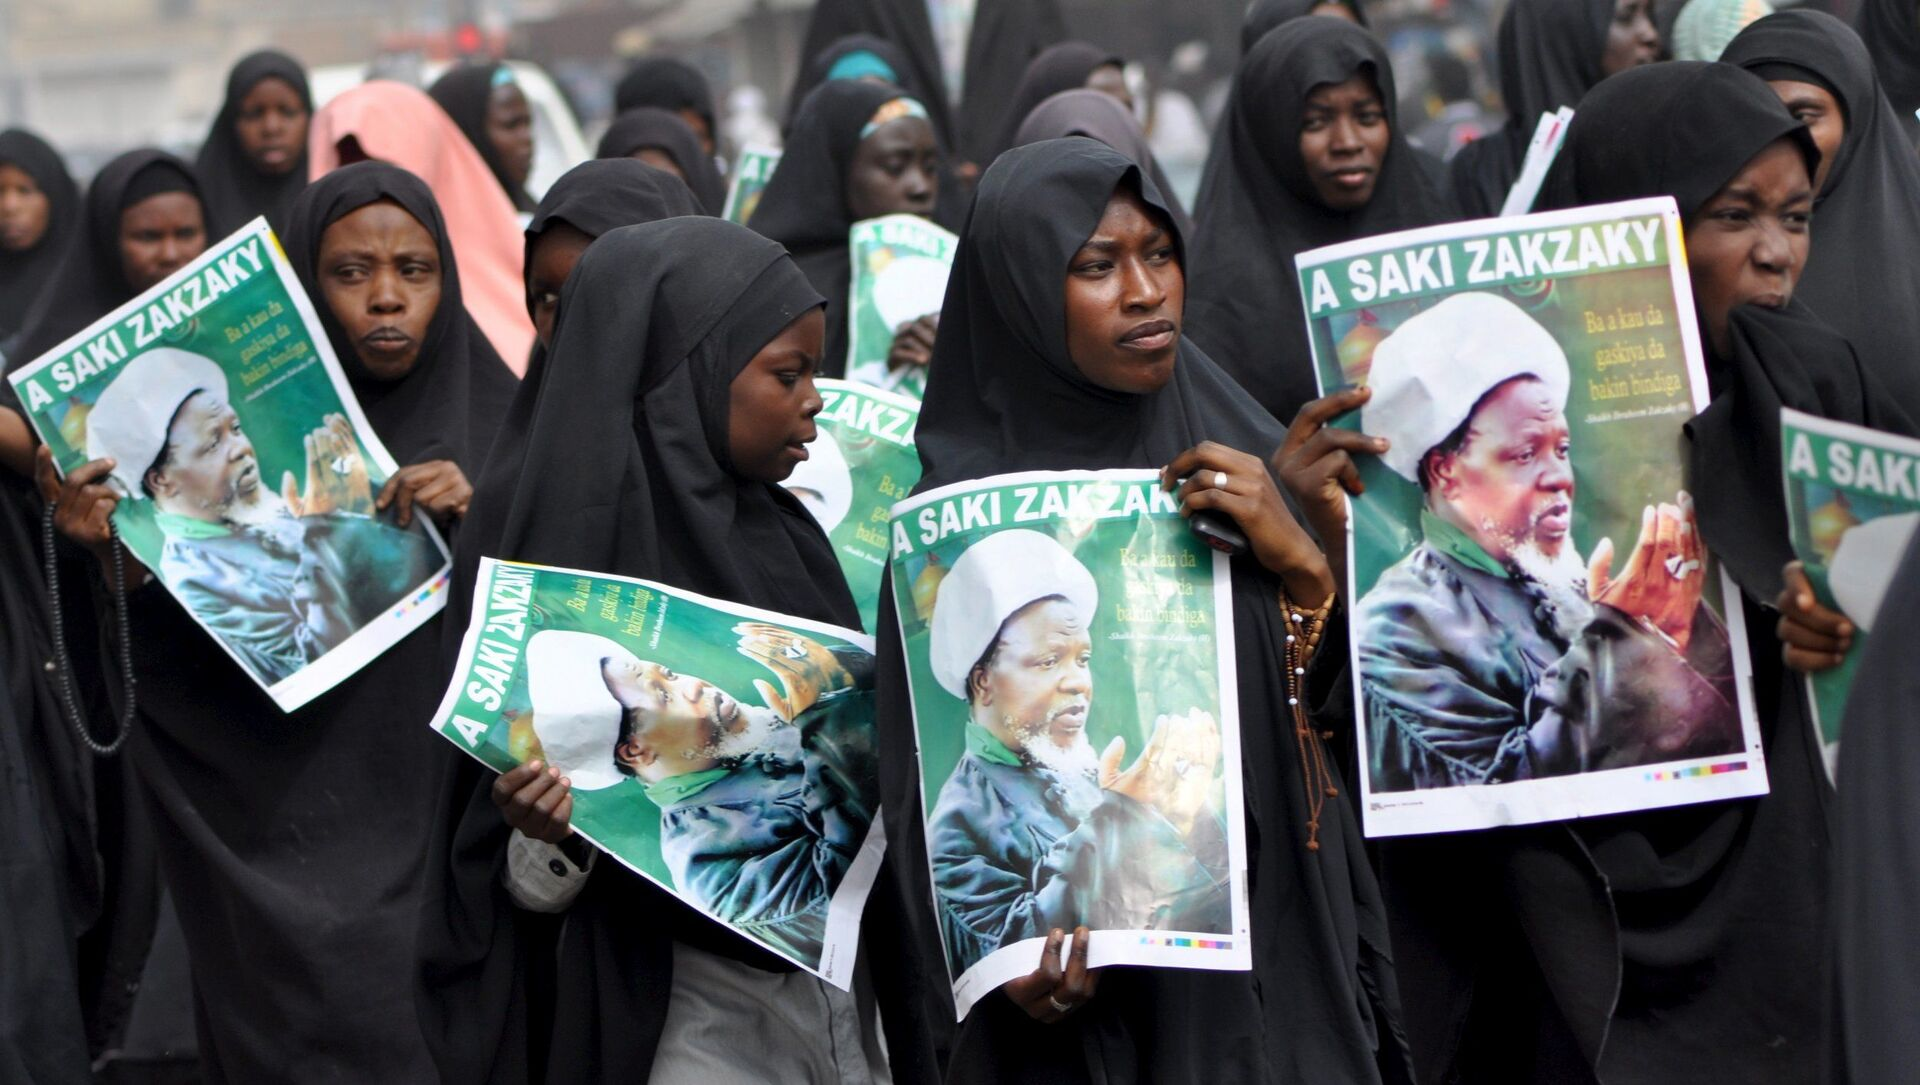 Şii Nijerya İslami Hareketi (IMN) lideri İbrahim Zakzaki için Kano şehrinde düzenlenen protesto - Sputnik Türkiye, 1920, 28.07.2021